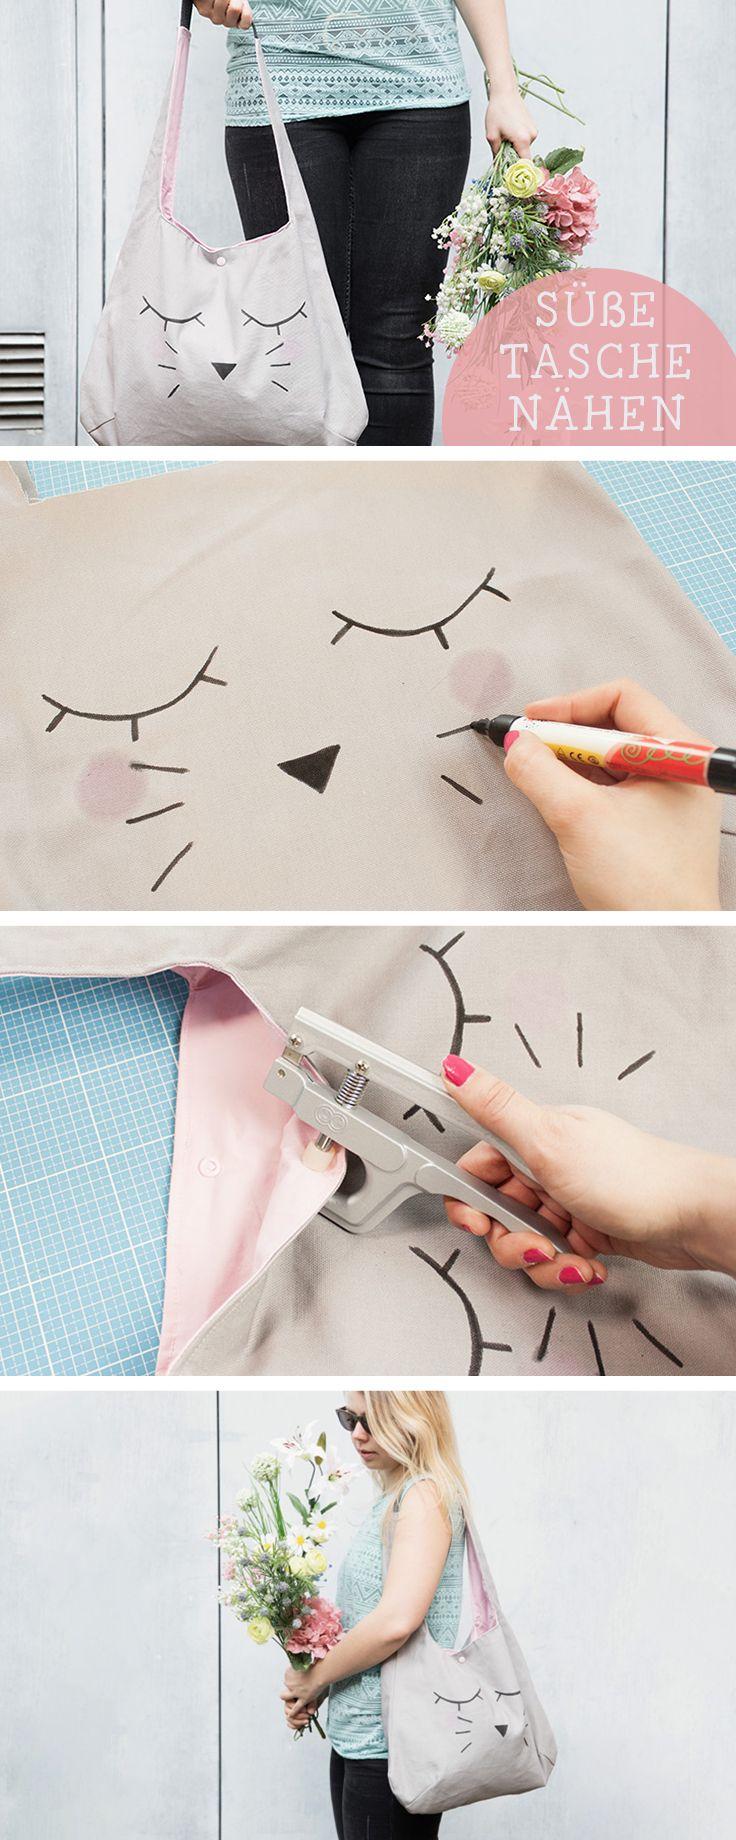 Näh-DIY für eine süße Einkaufstasche / sewing diy: bunny shopper bag, fashion via DaWanda.com